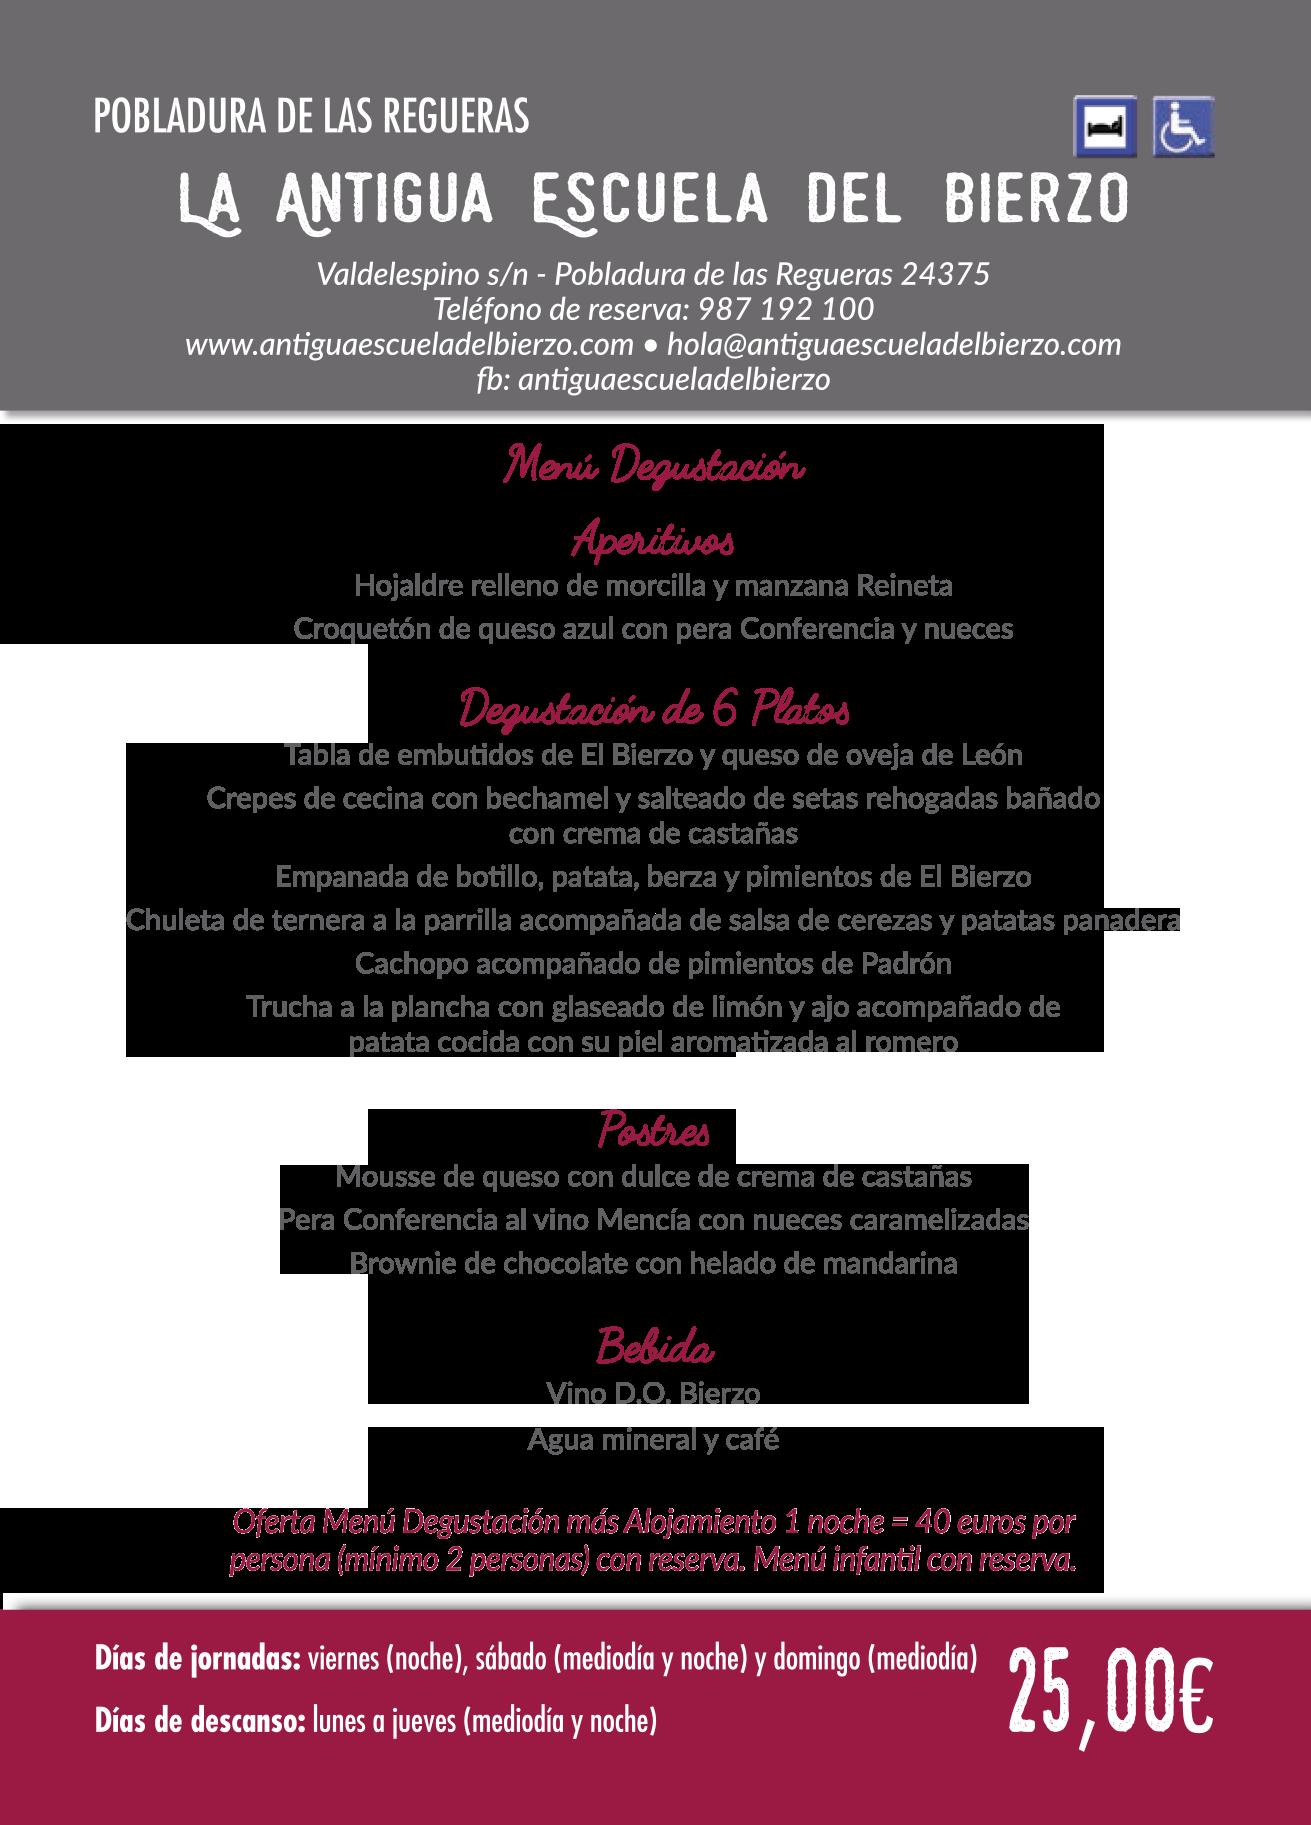 Las Jornadas Gastronómicas del Bierzo llegan a su 35 edición. Consulta los menús de esta edición 8